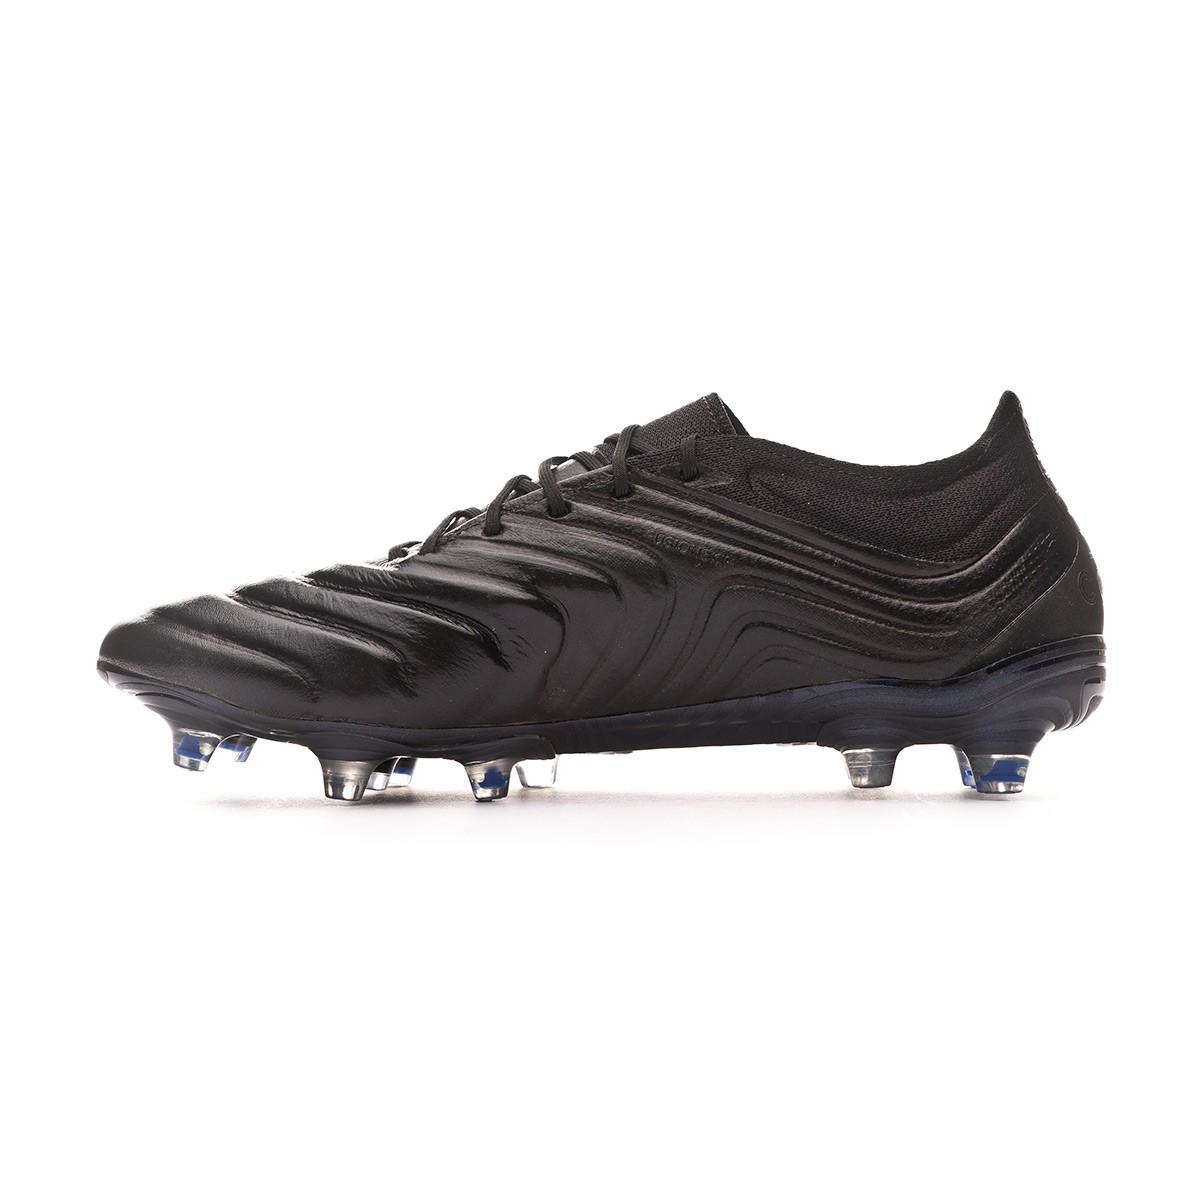 Boot adidas Copa 19.1 FG Core black - Football store Fútbol Emotion b1203171f